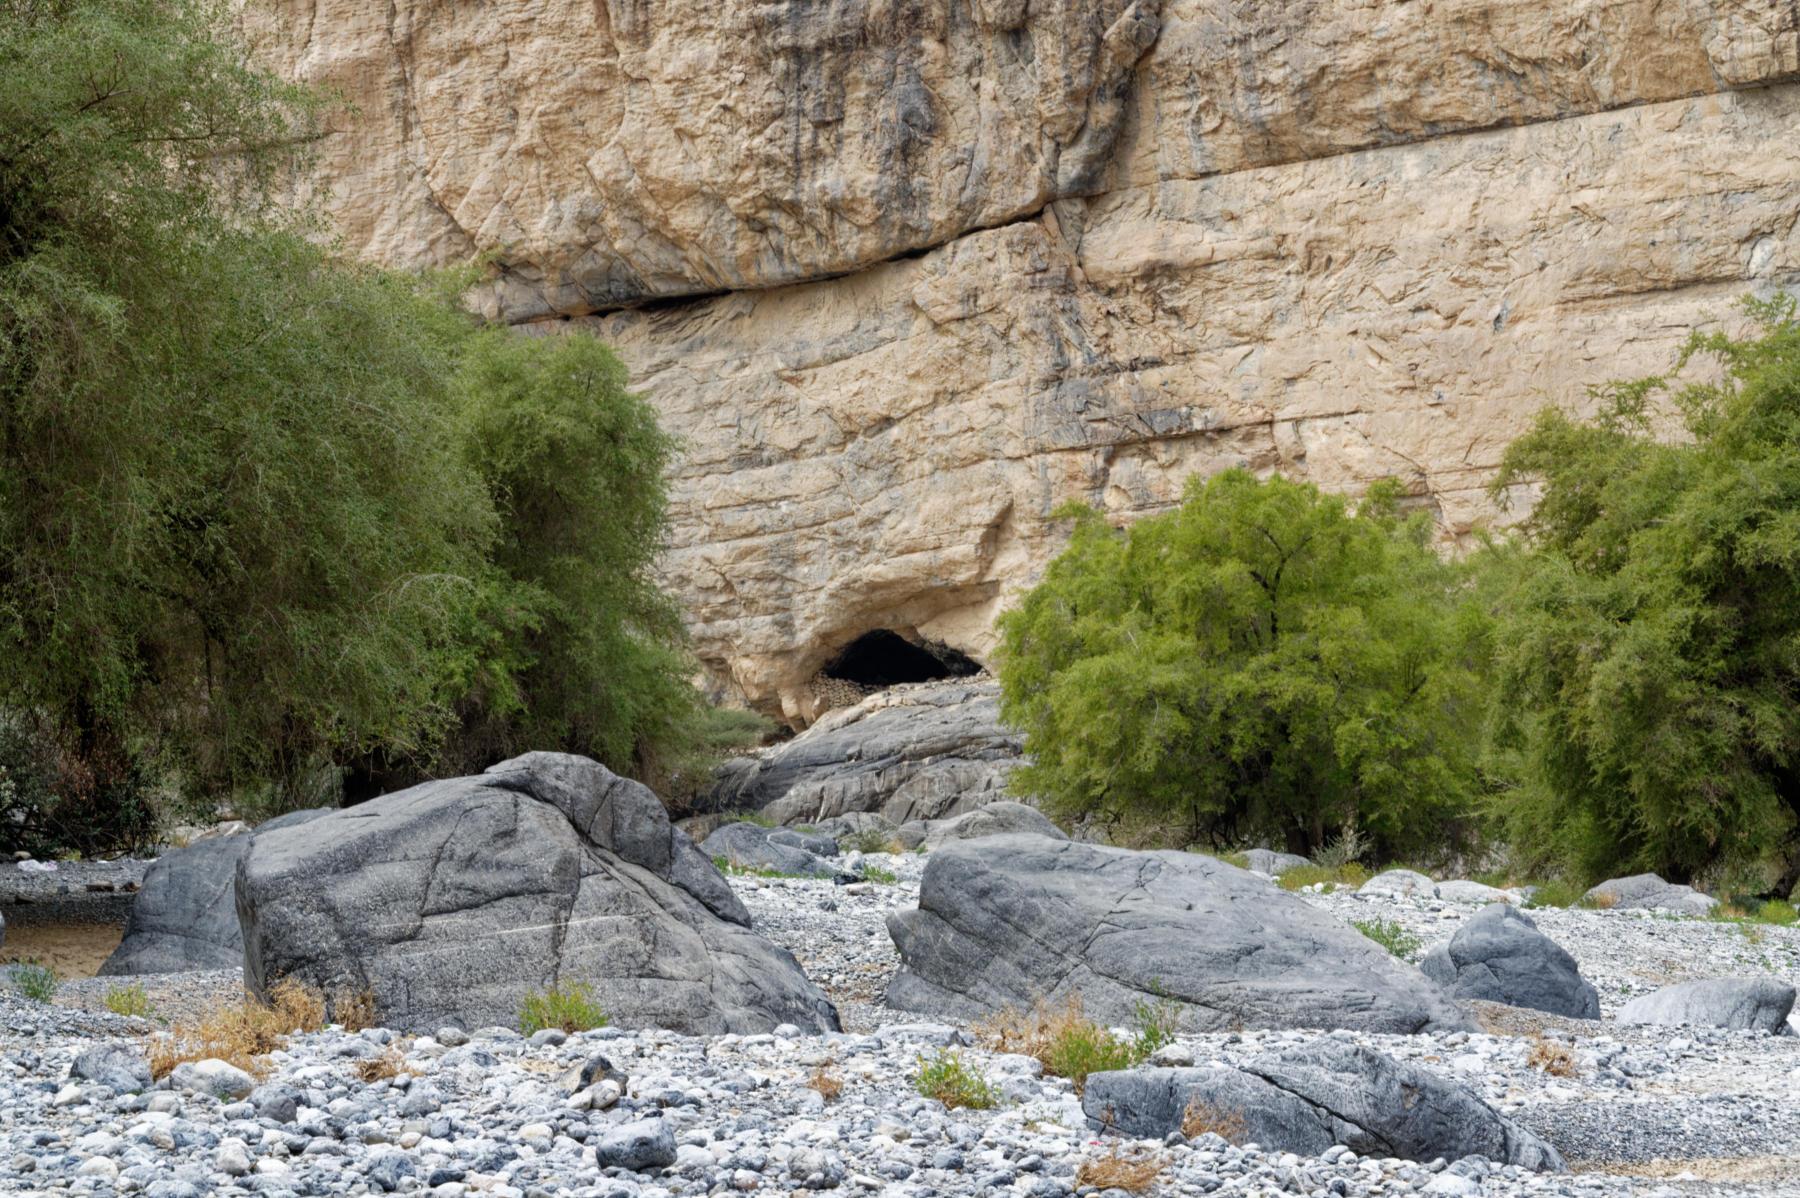 Wadi Tanulf Scene